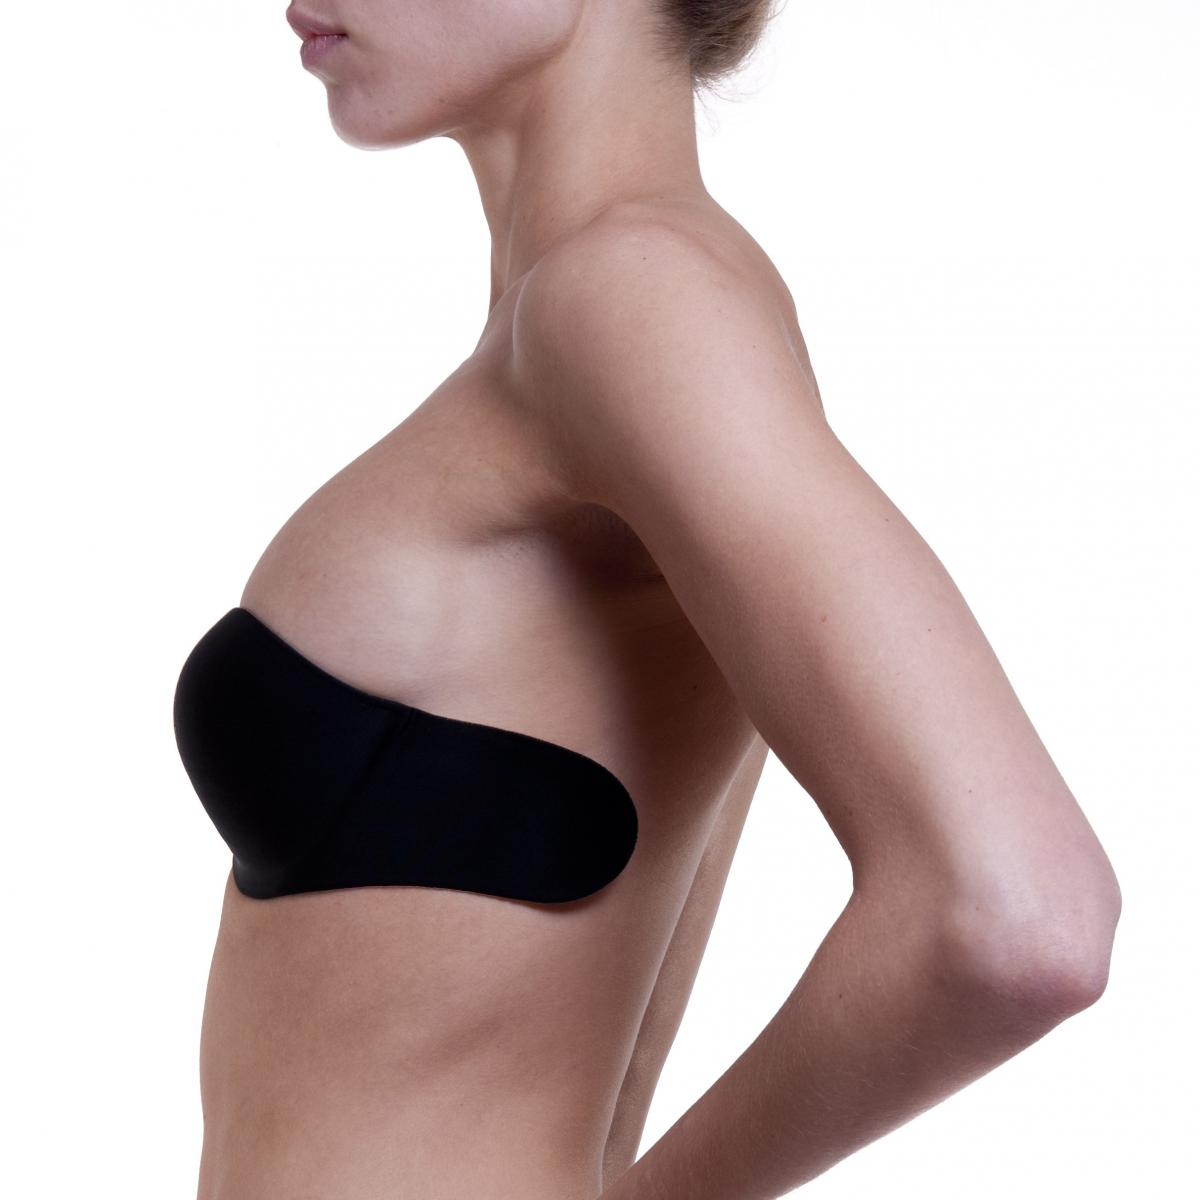 nouveau sélection magasiner pour le luxe énorme inventaire Soutien-gorge bandeau sans dos 0 noir par Magic body fashion